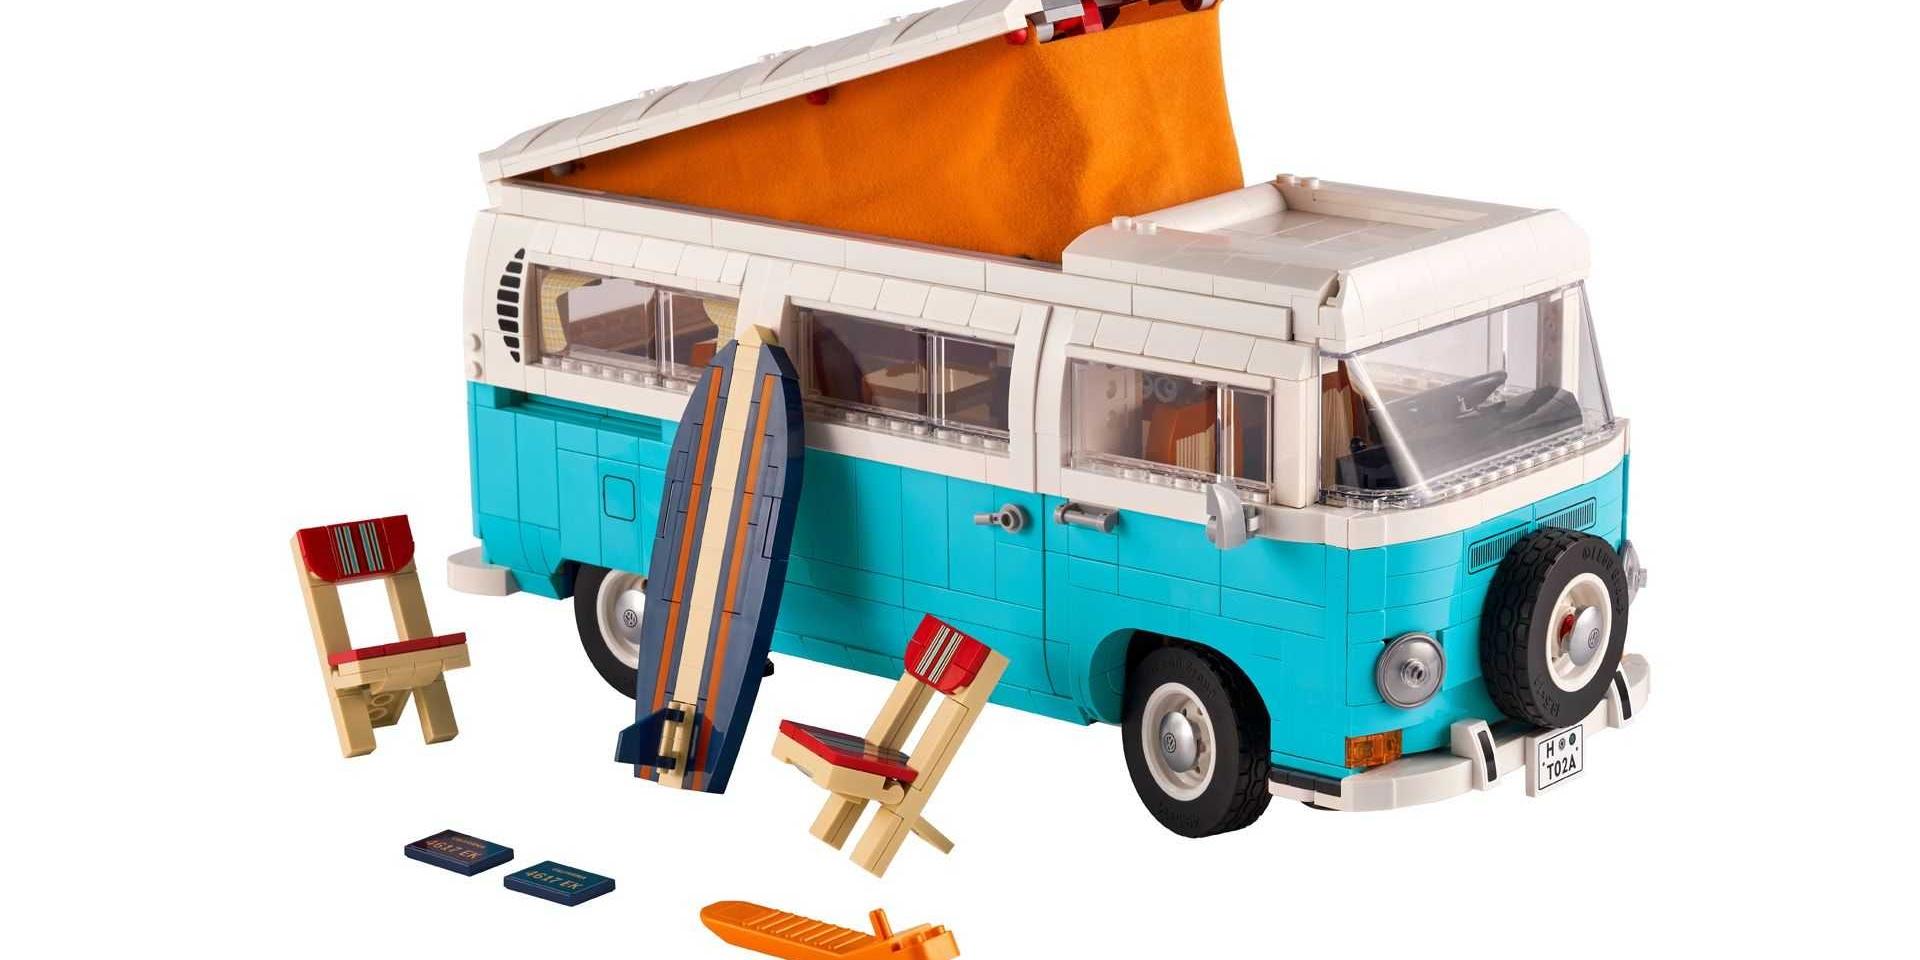 Volkswagen T2 Camper Van露營車樂高組 可掀式車頂超吸睛!